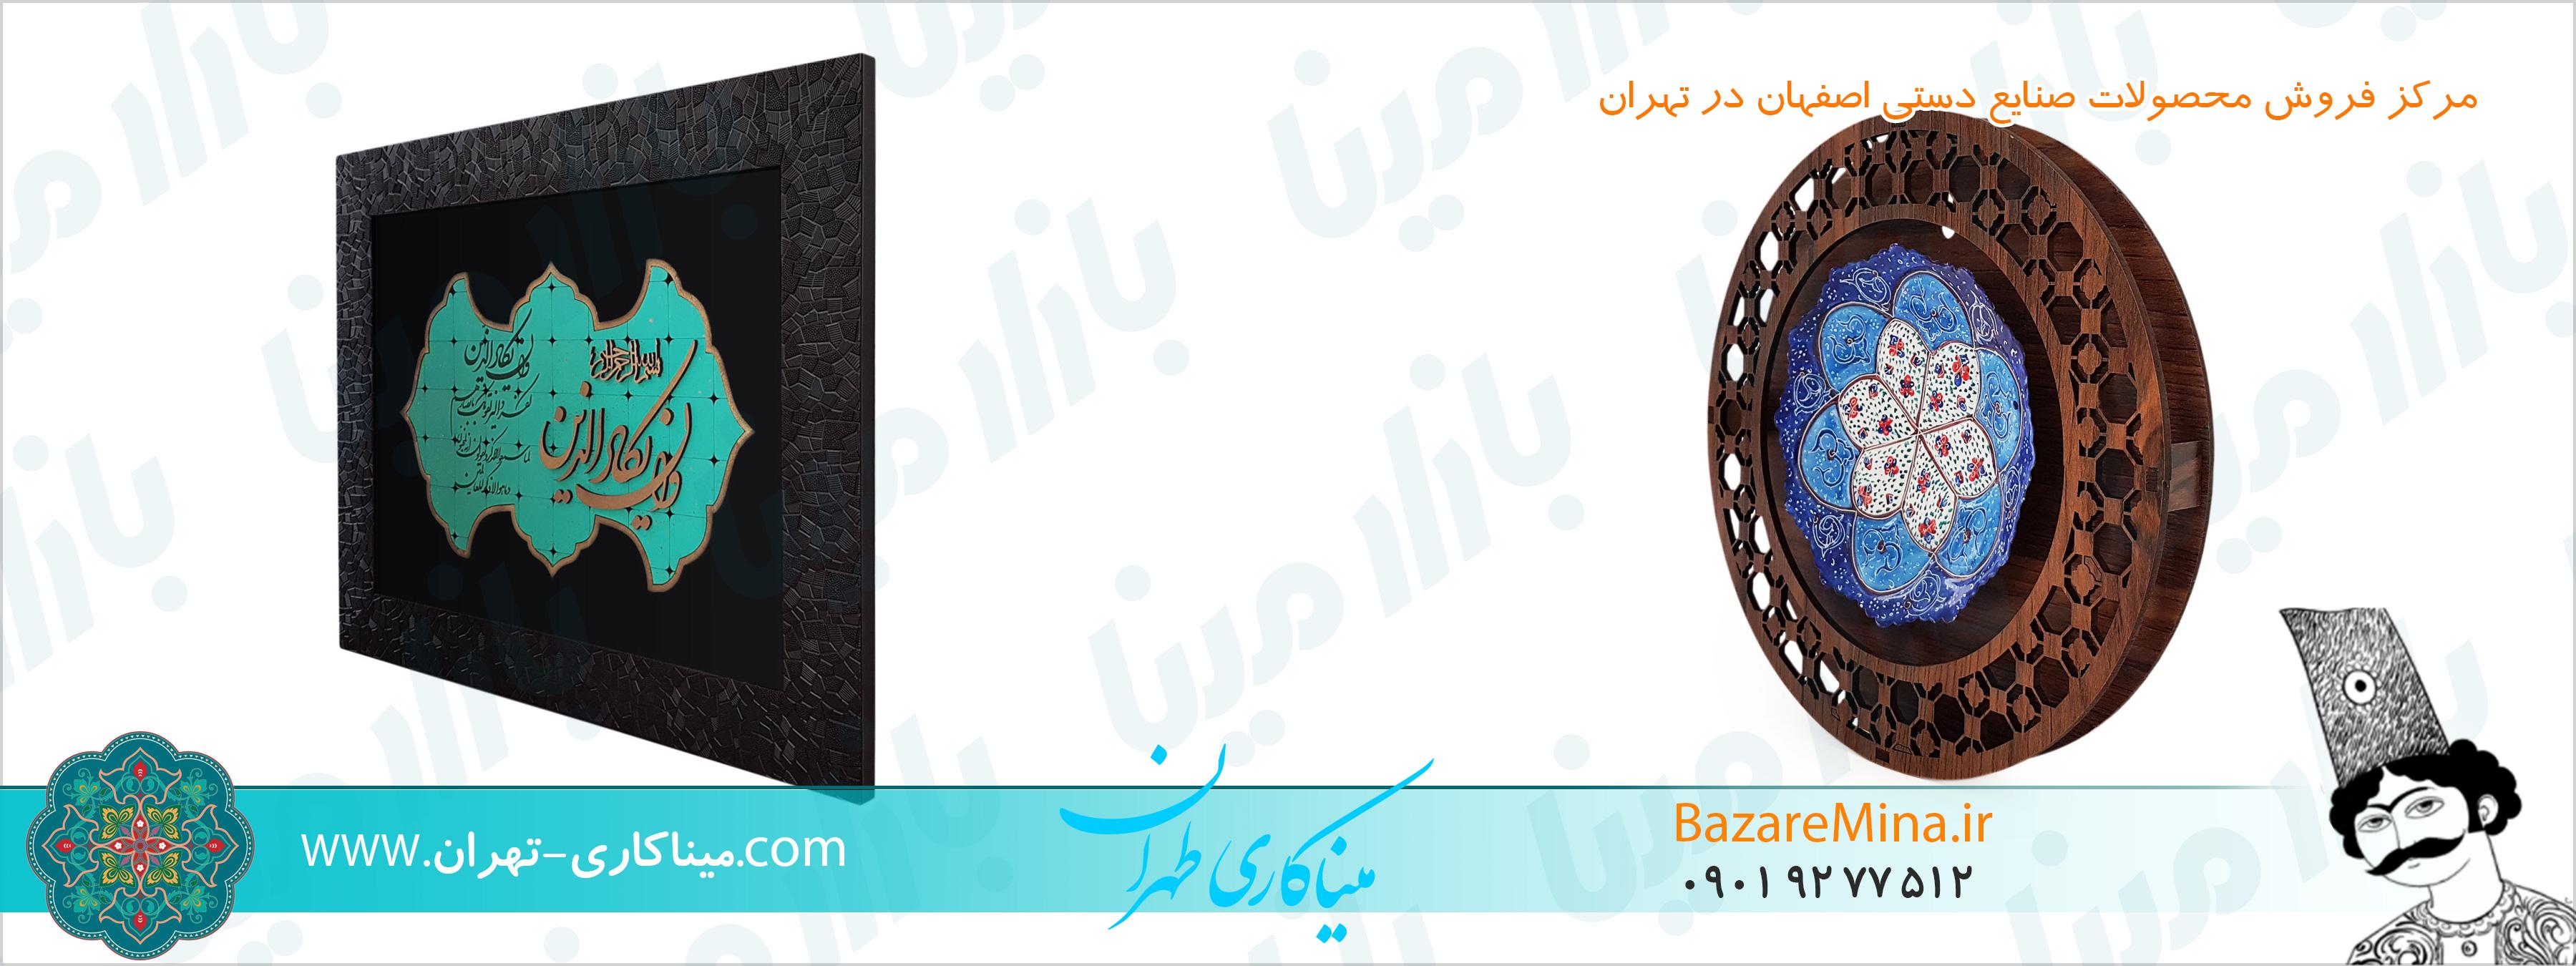 مراکز خرید صنایع دستی در تهران